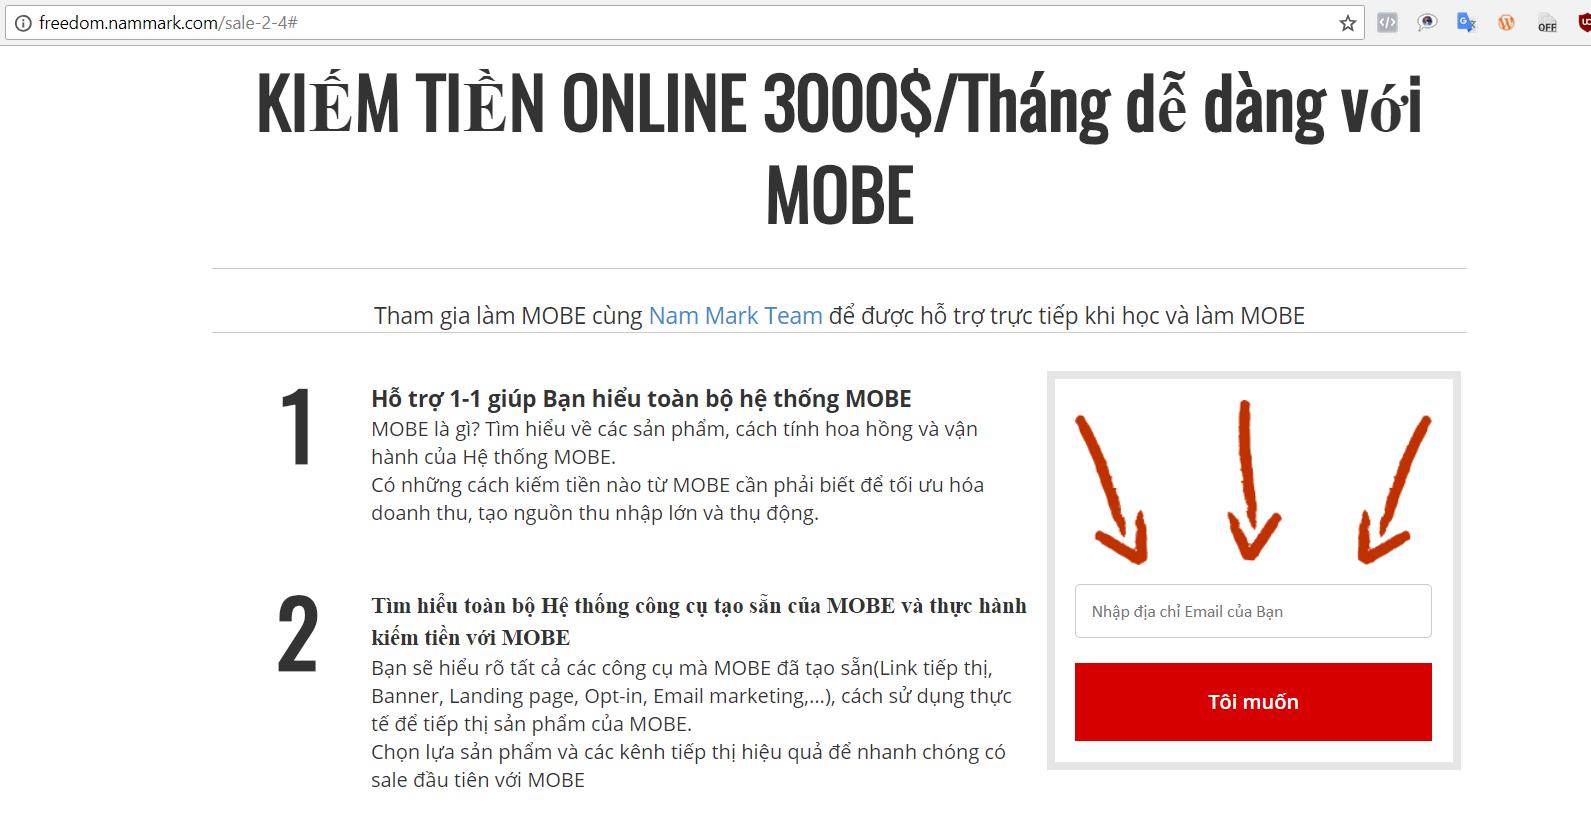 huong-dan-ket-noi-ten-mien-voi-mobesite-16